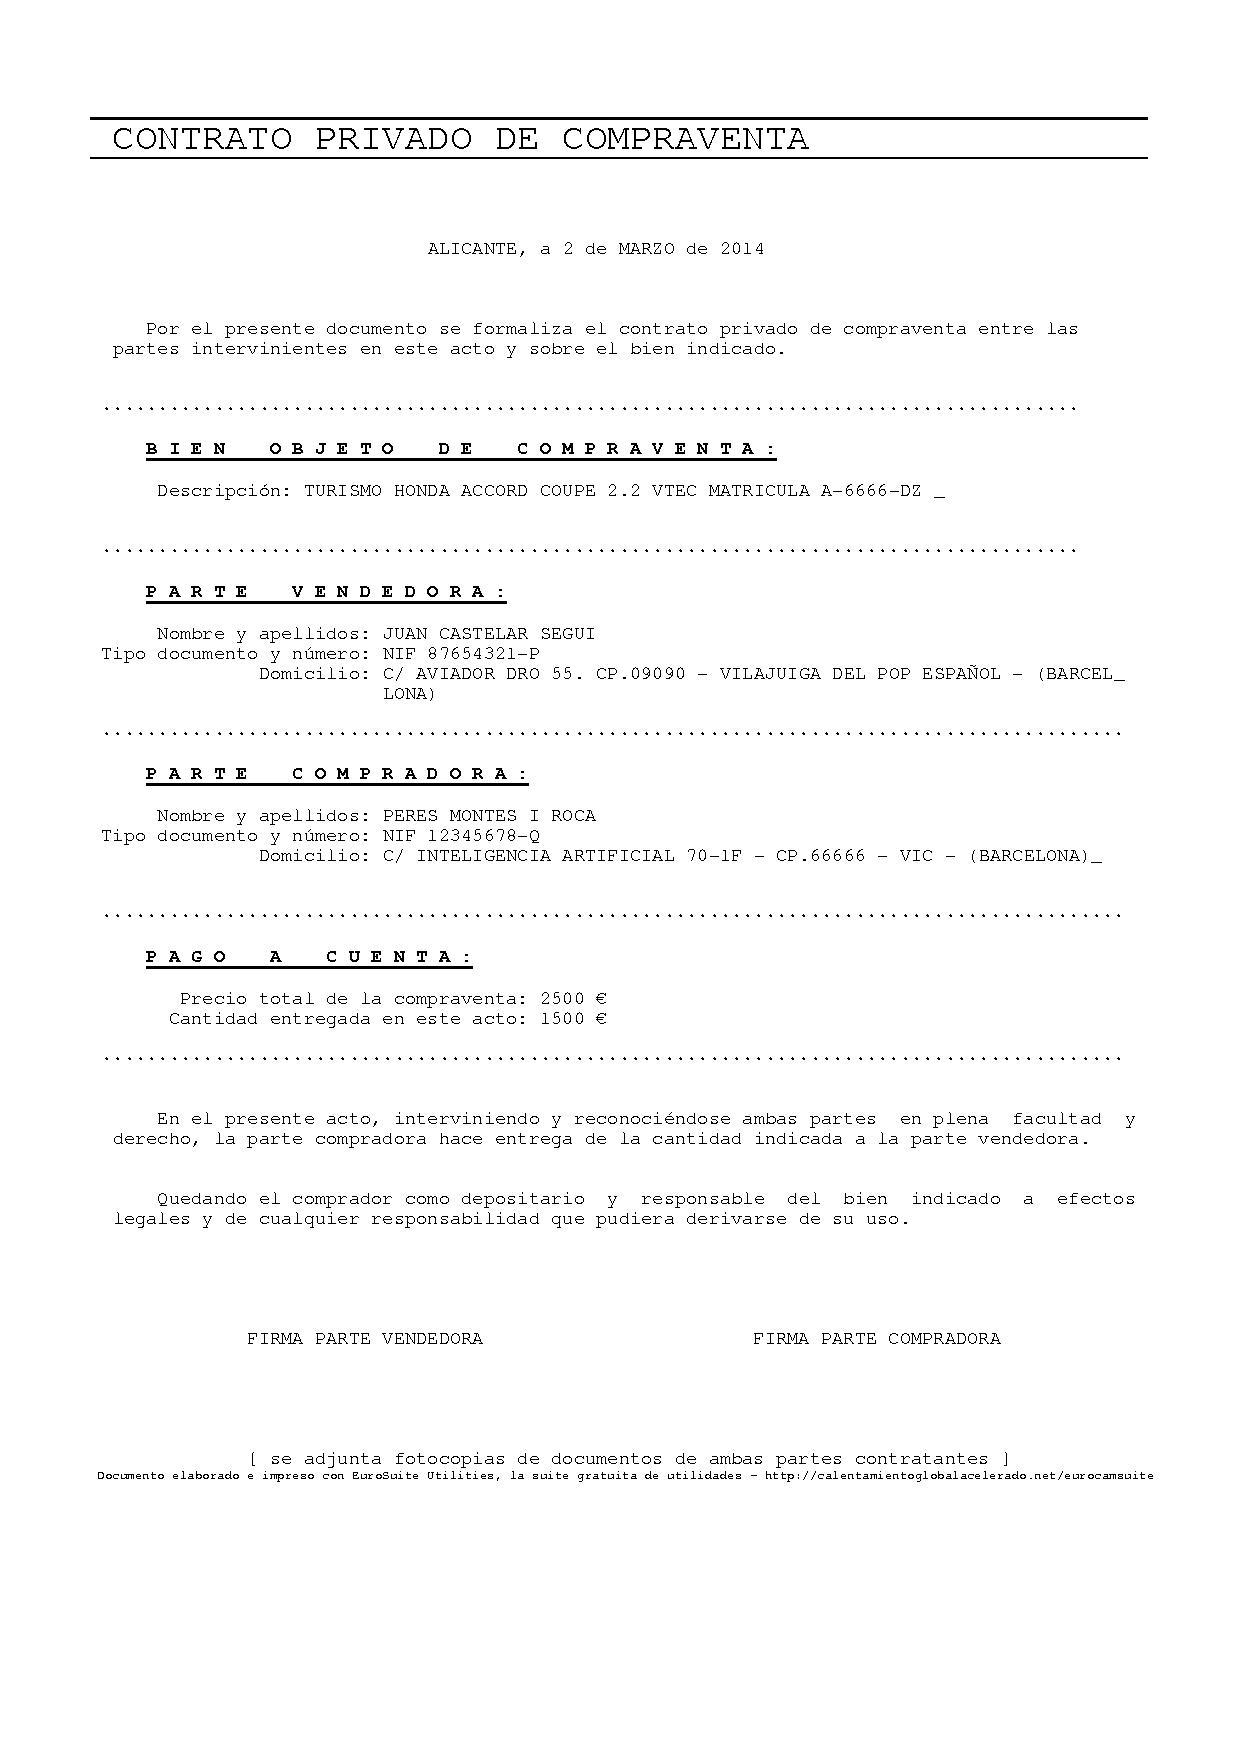 Plantilla Para Rellenar Contrato Compraventa Web Oficial